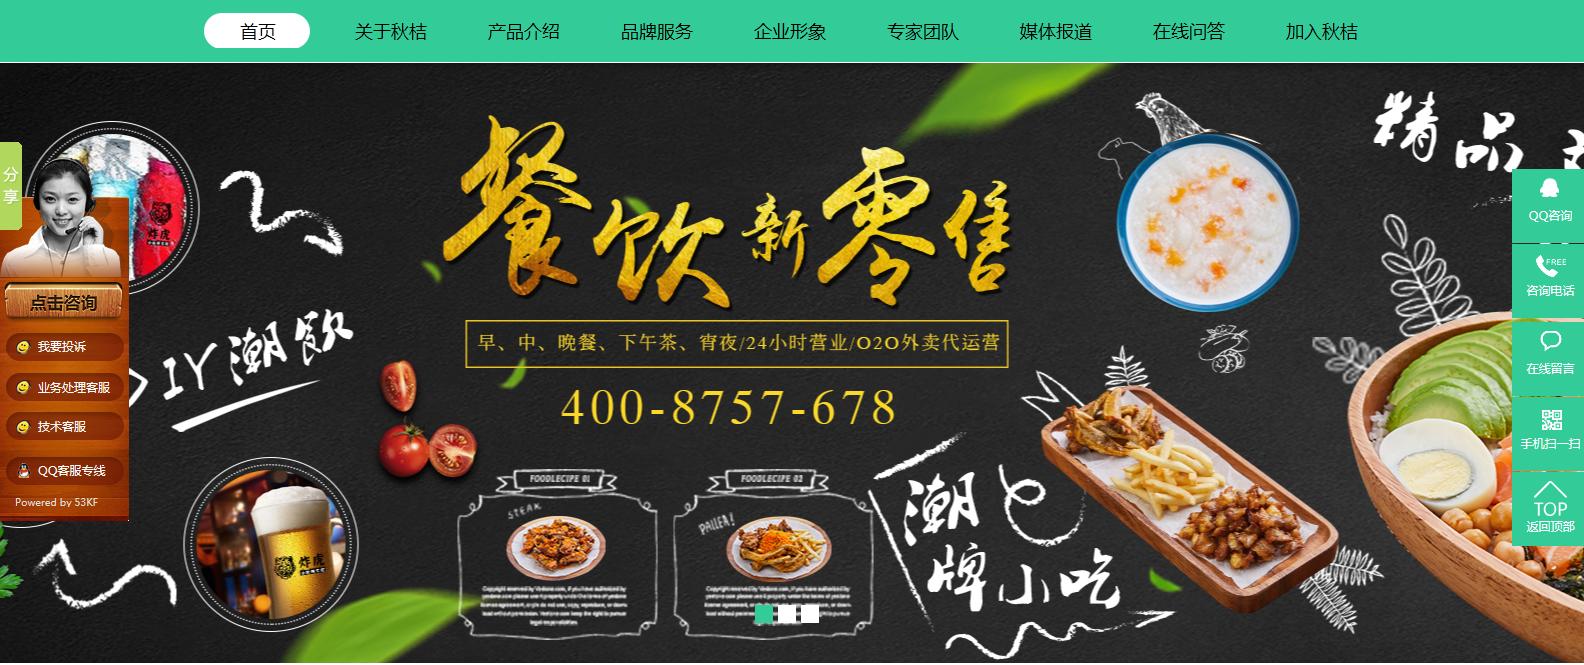 炸虎特色小吃加盟营销型网站,追马网